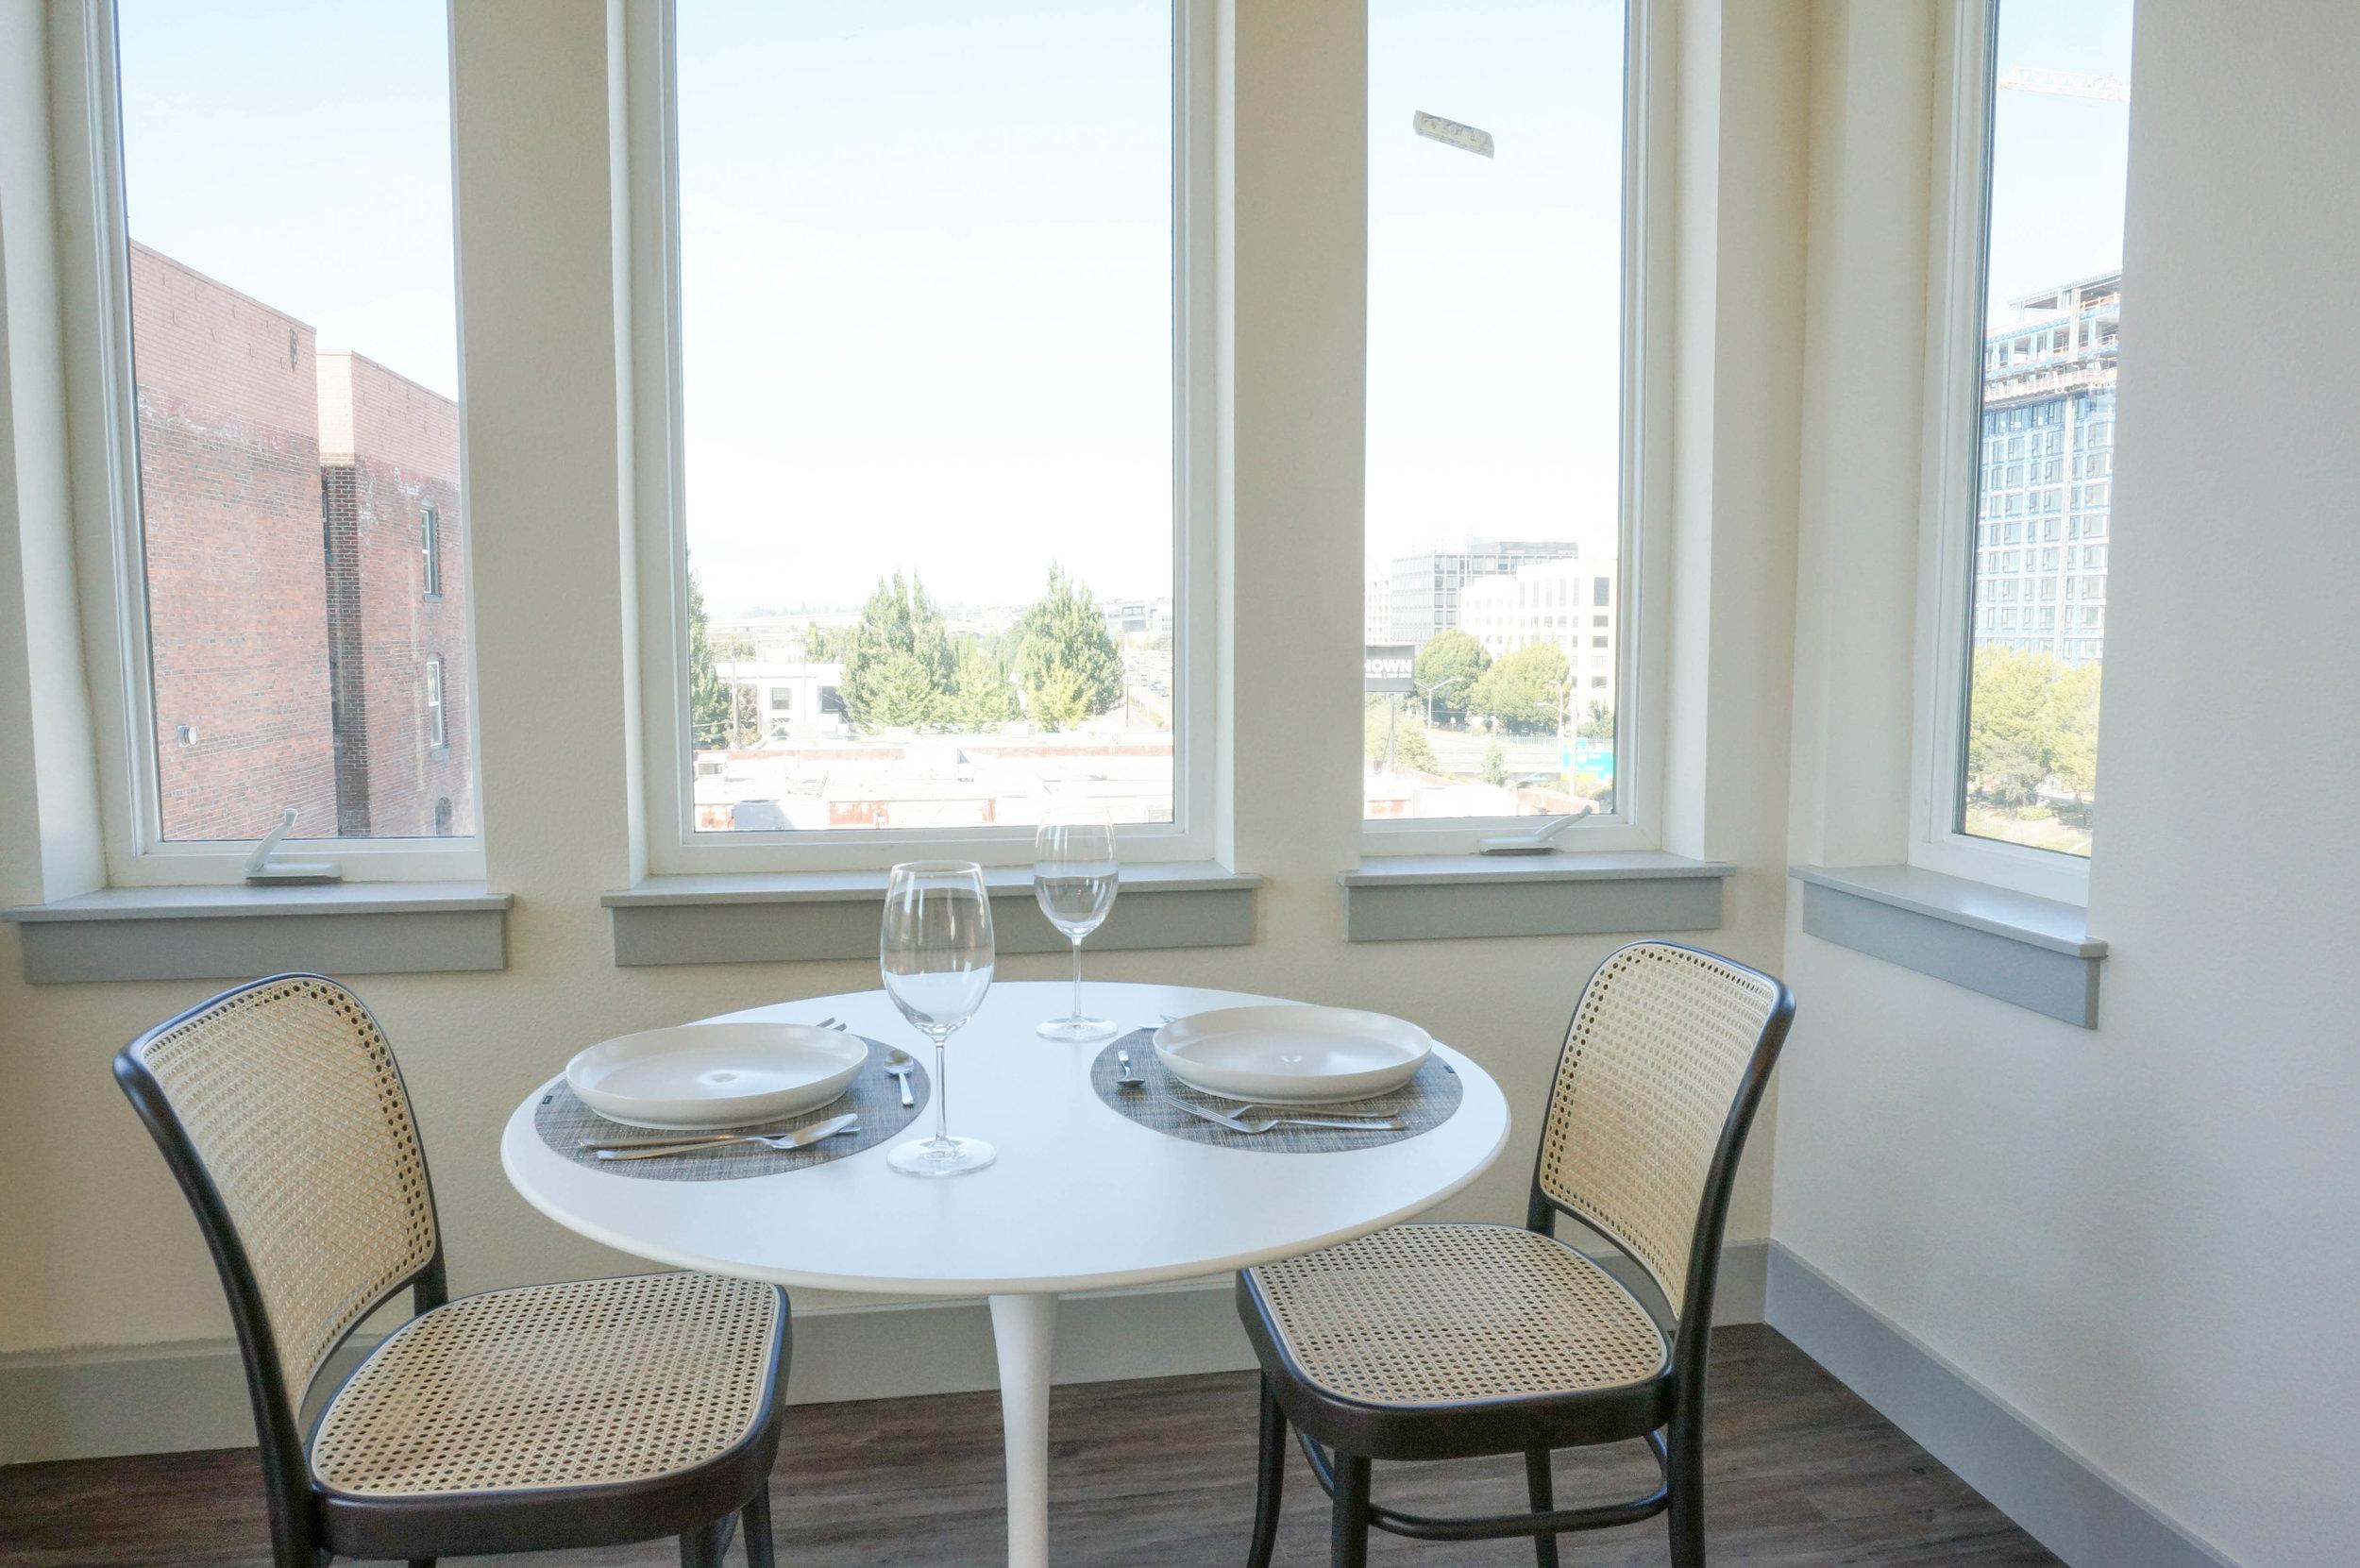 Everett - One Bedroom Dining Room